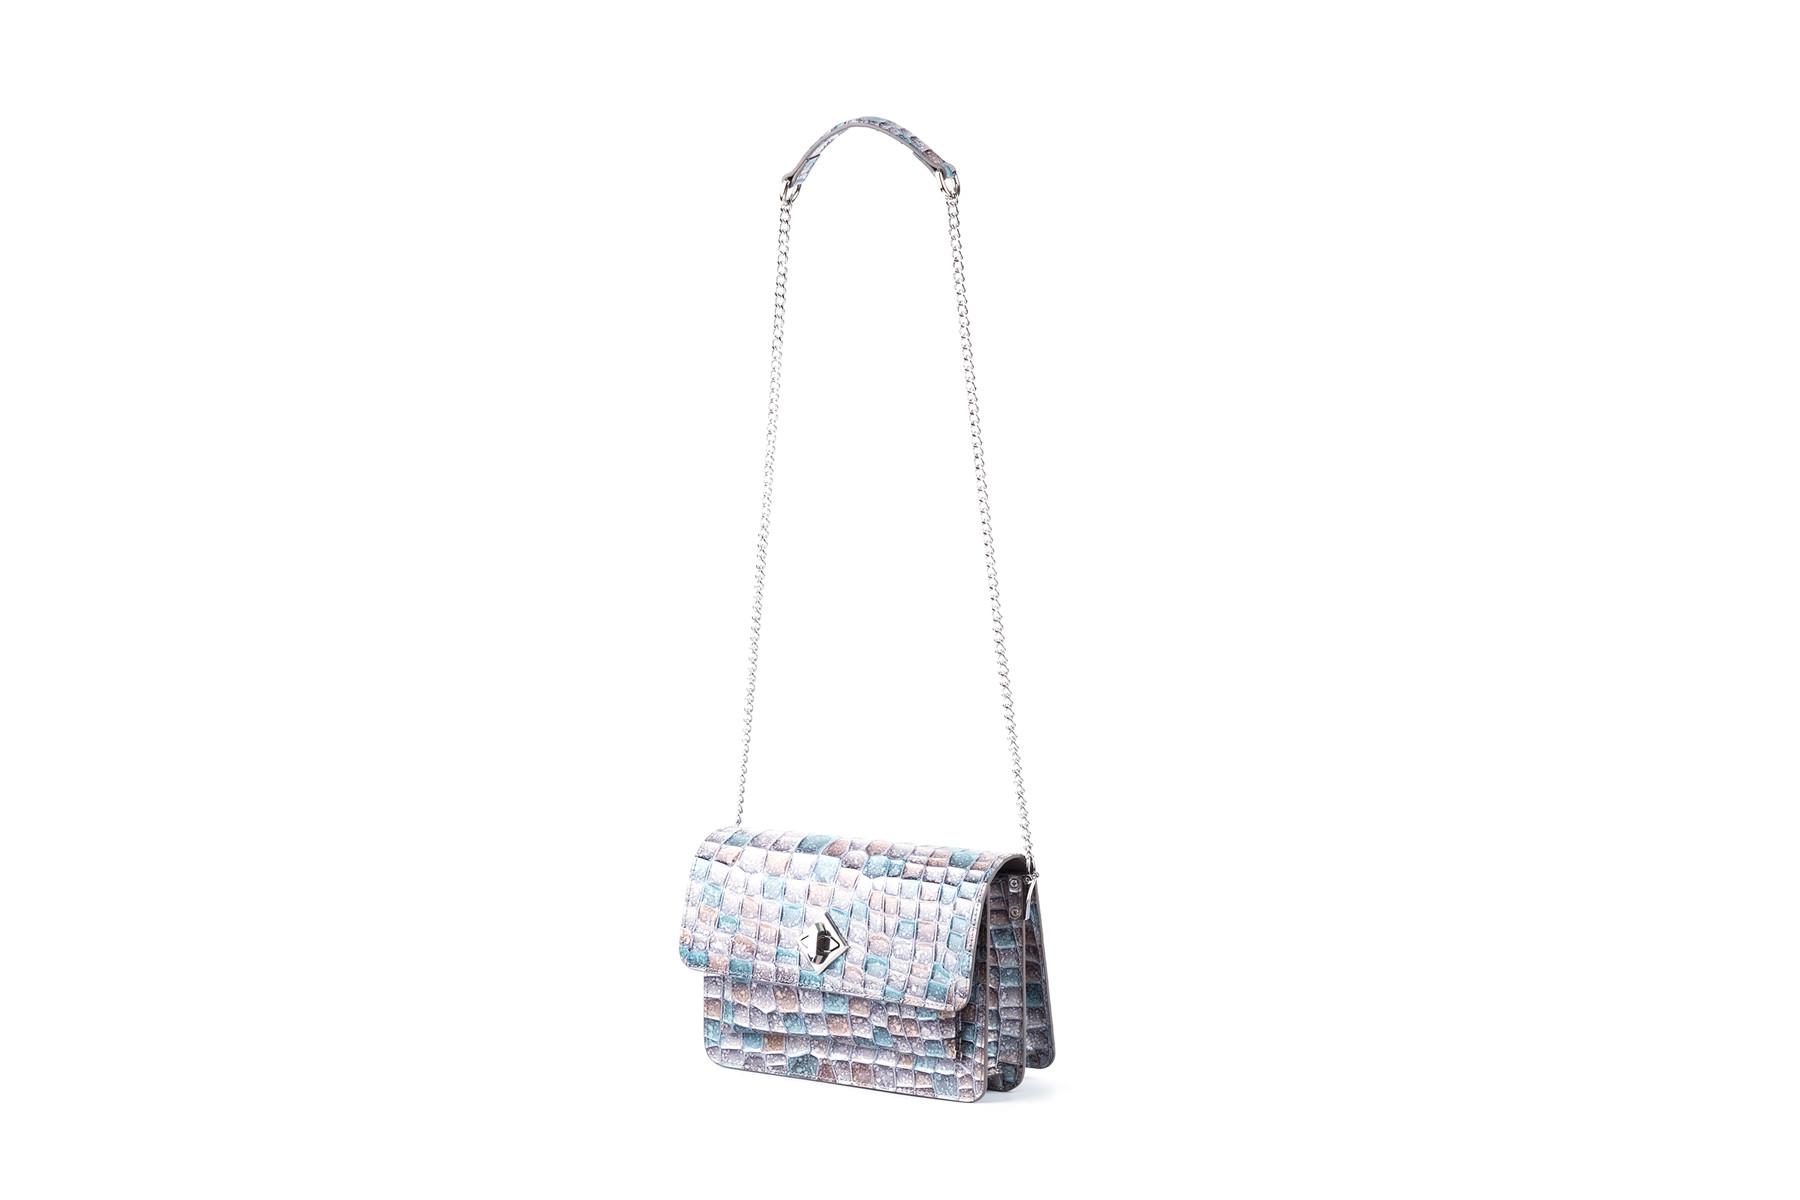 GF bags-Custom Cheap Shoulder Bags Manufacturer, Simple Shoulder Bag | Gf Bags-8